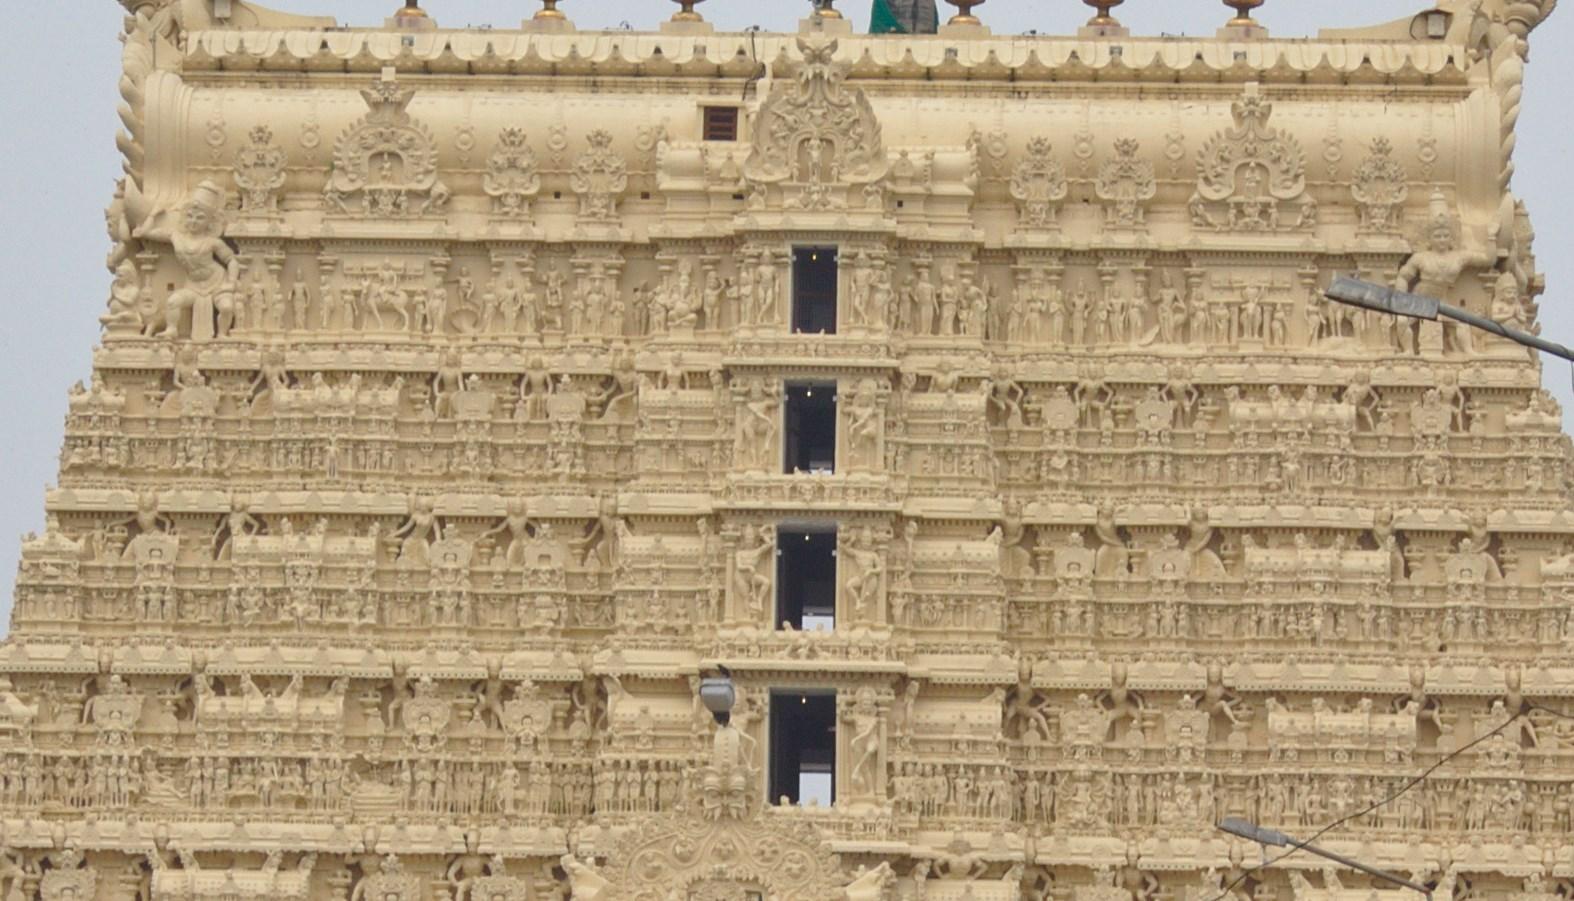 Один из богатейших храмов и дверь, которую легенды запрещают открывать - Падманабхасвами в Индии